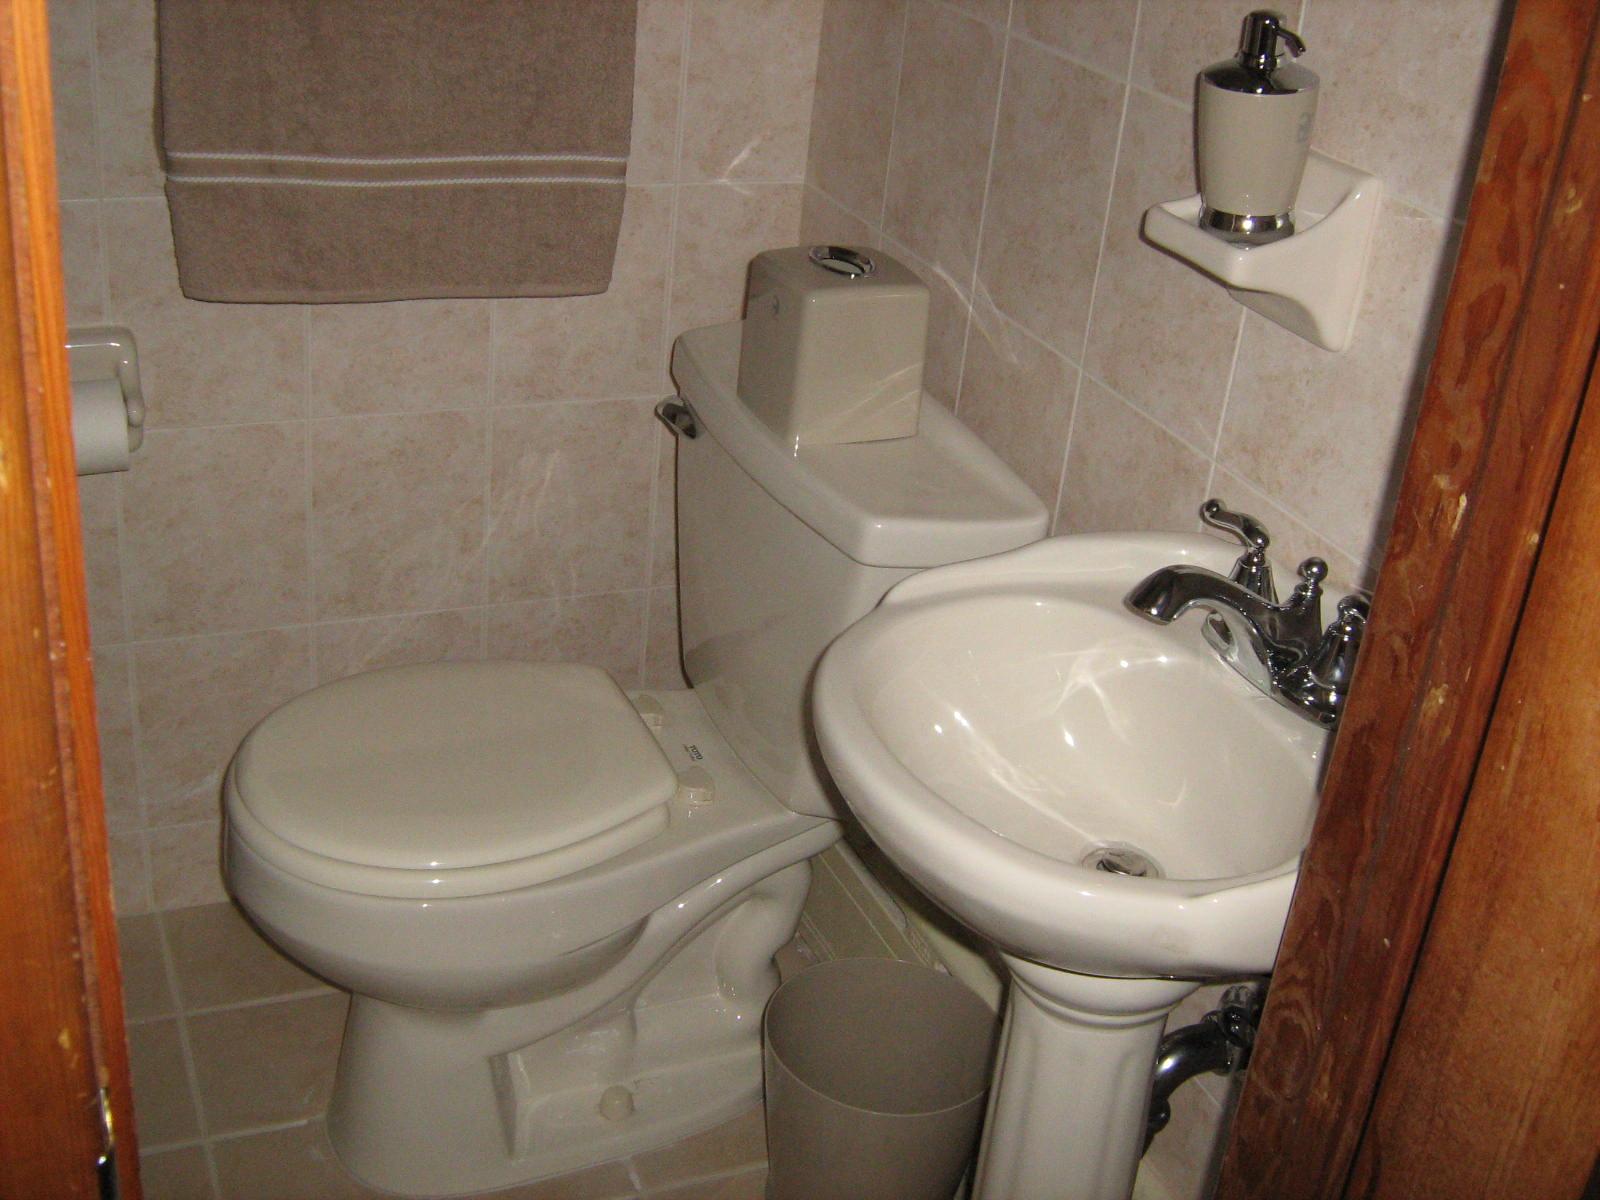 Remont-vannoy-i-tualeta--variantyi-dizayna 20